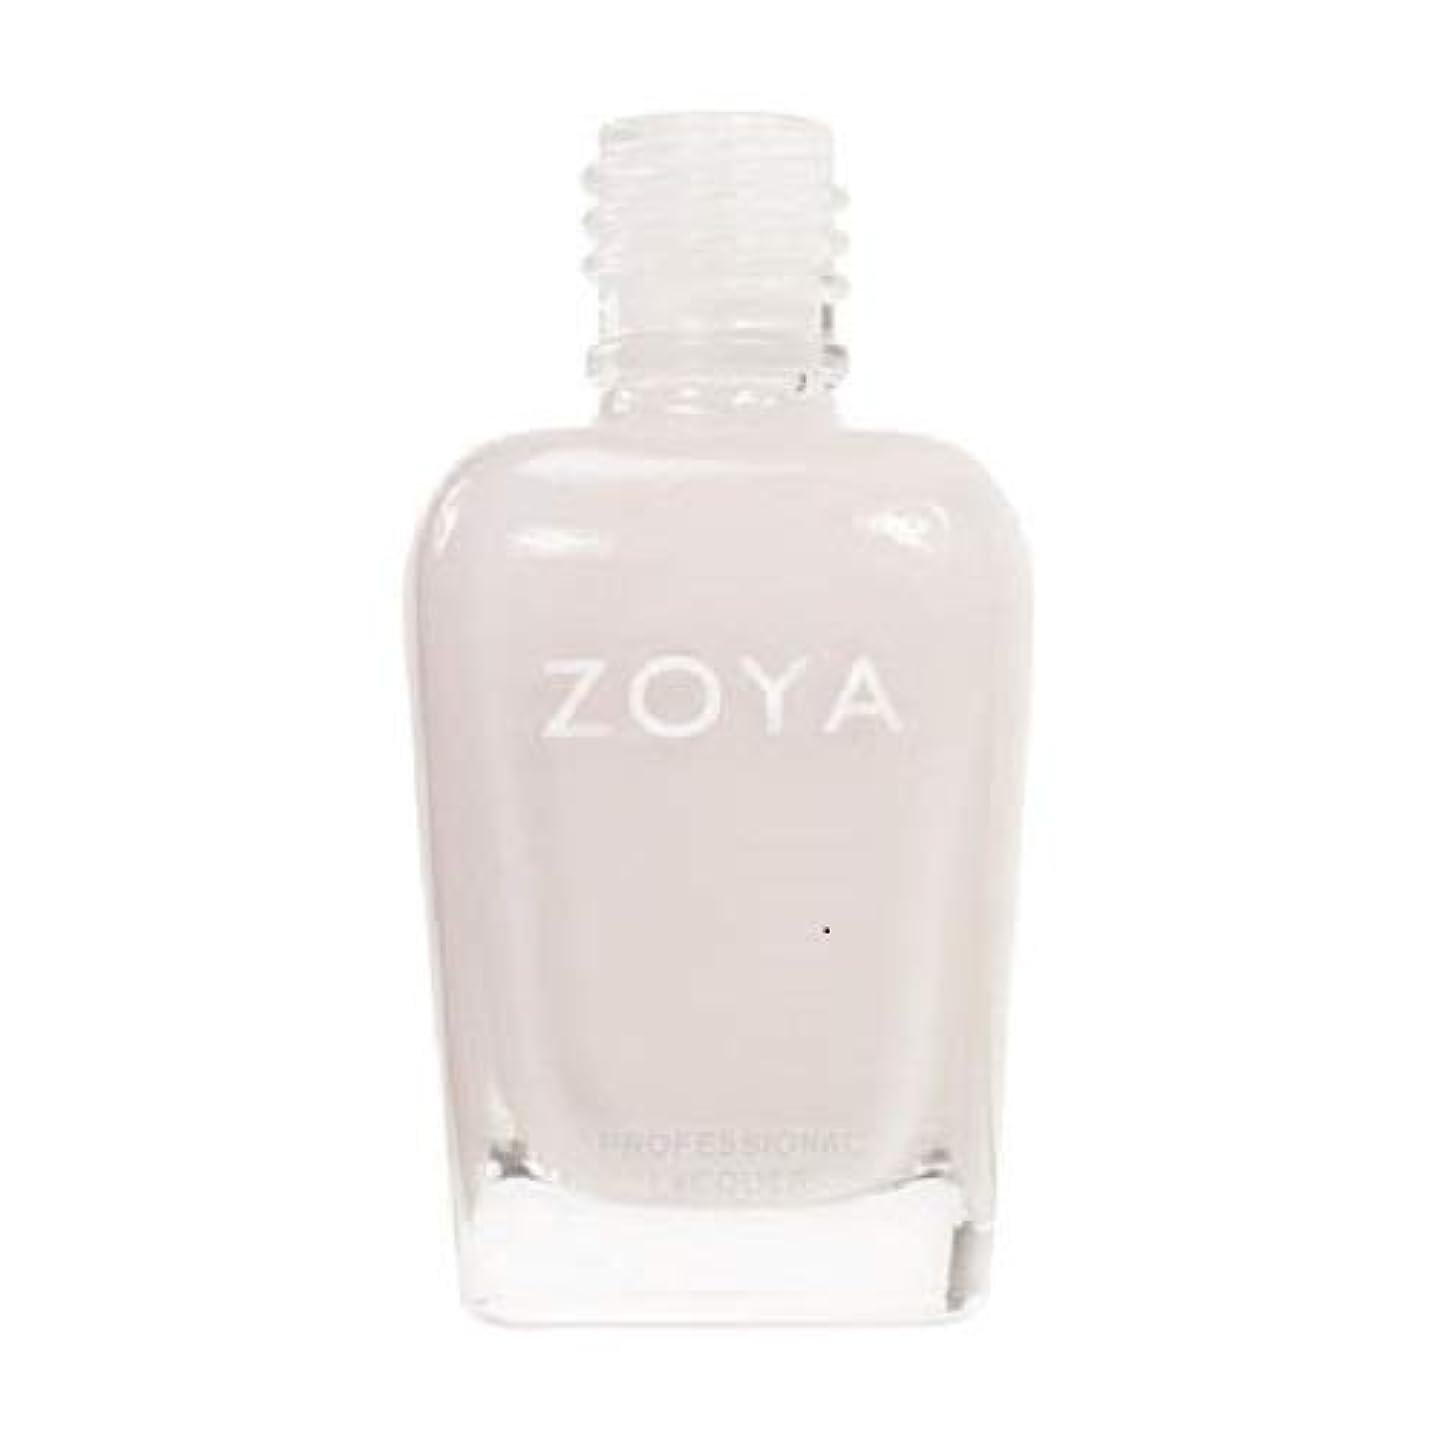 レールマージン交通ZOYA ネイルカラーZP235 SABRINA サブリナ 15ml ほのかに色づくピンクをまとったホワイト シアー/クリーム 爪にやさしいネイルラッカーマニキュア